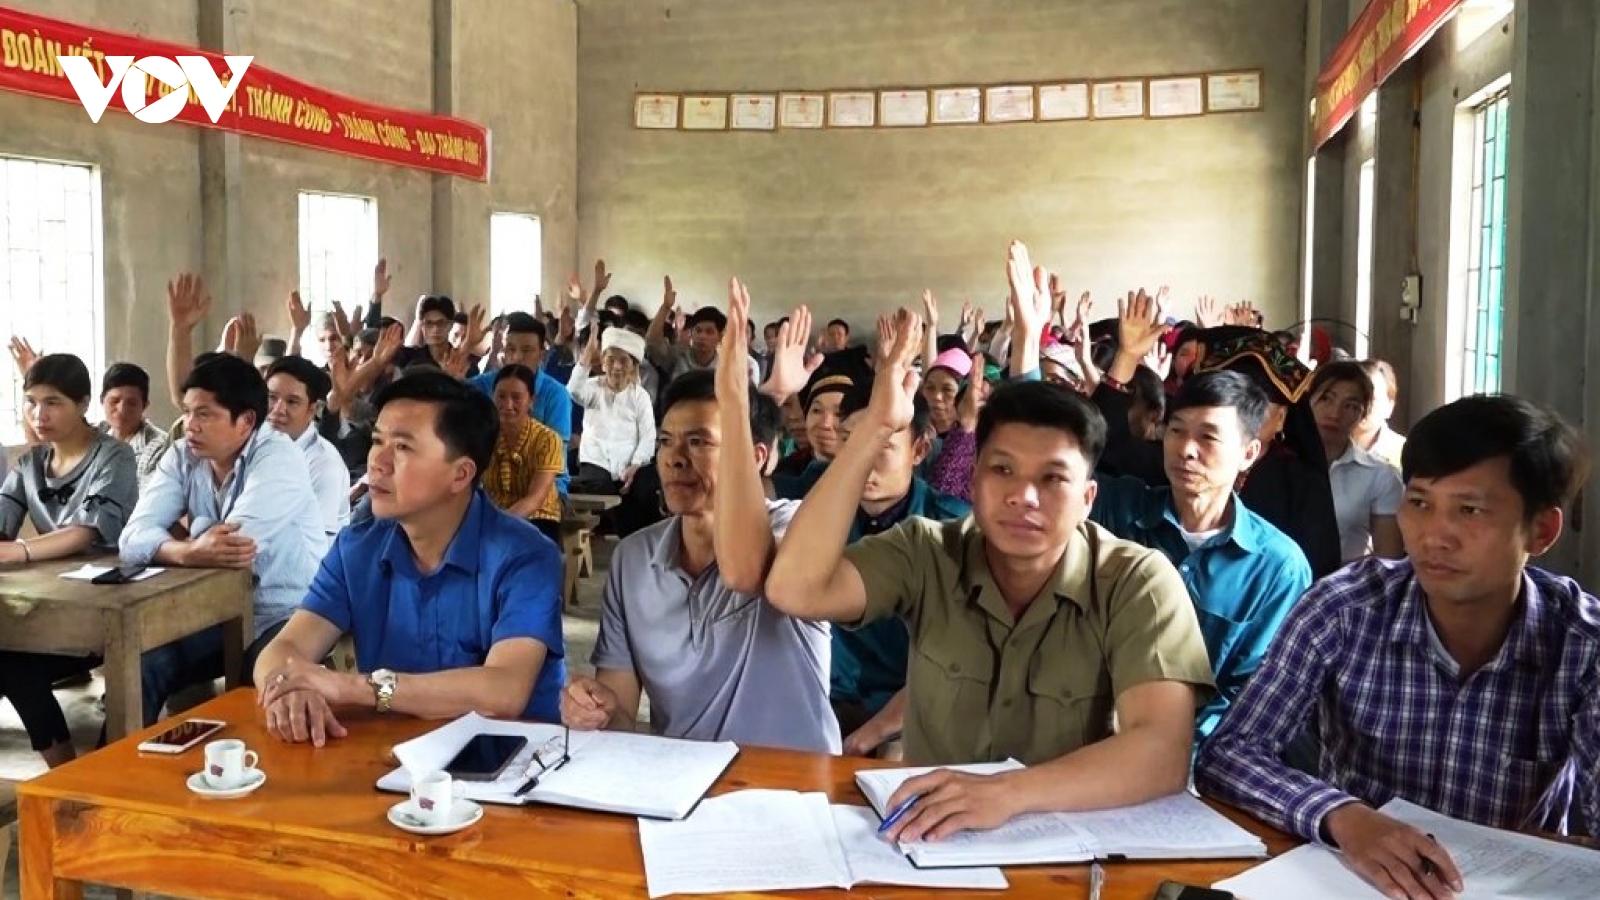 """Phong trào thi đua """"đi bầu đủ, đi bầu sớm"""" ở Yên Bái"""